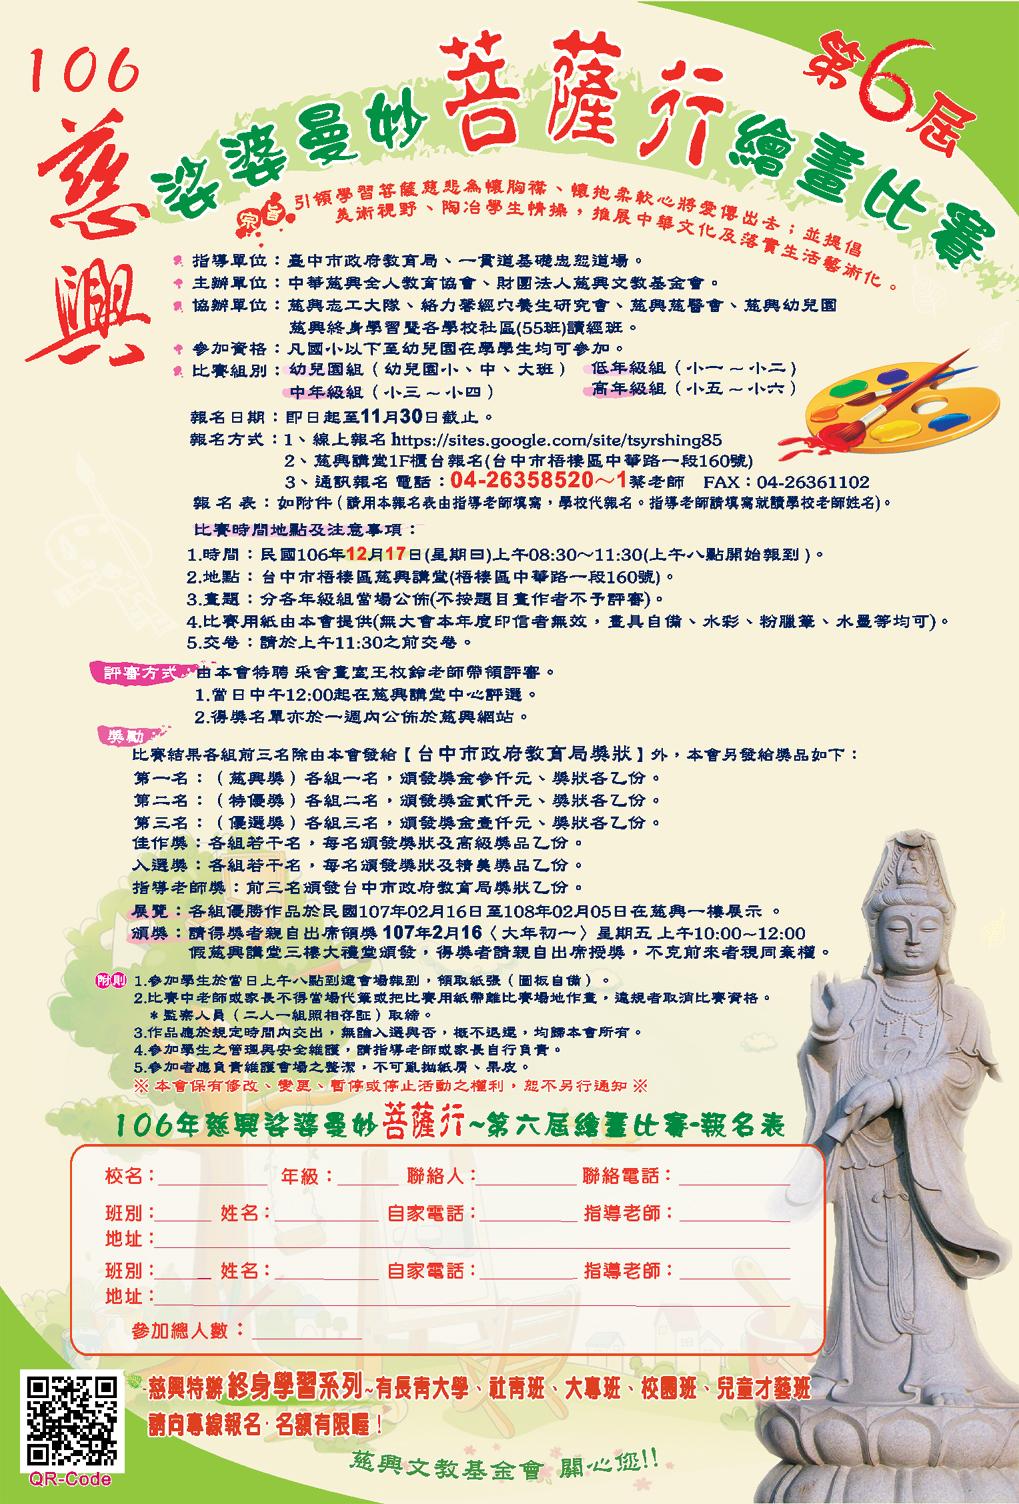 財團法人聖嚴教育基金會 106 年兒童生活教育寫畫創作活動 - 海報